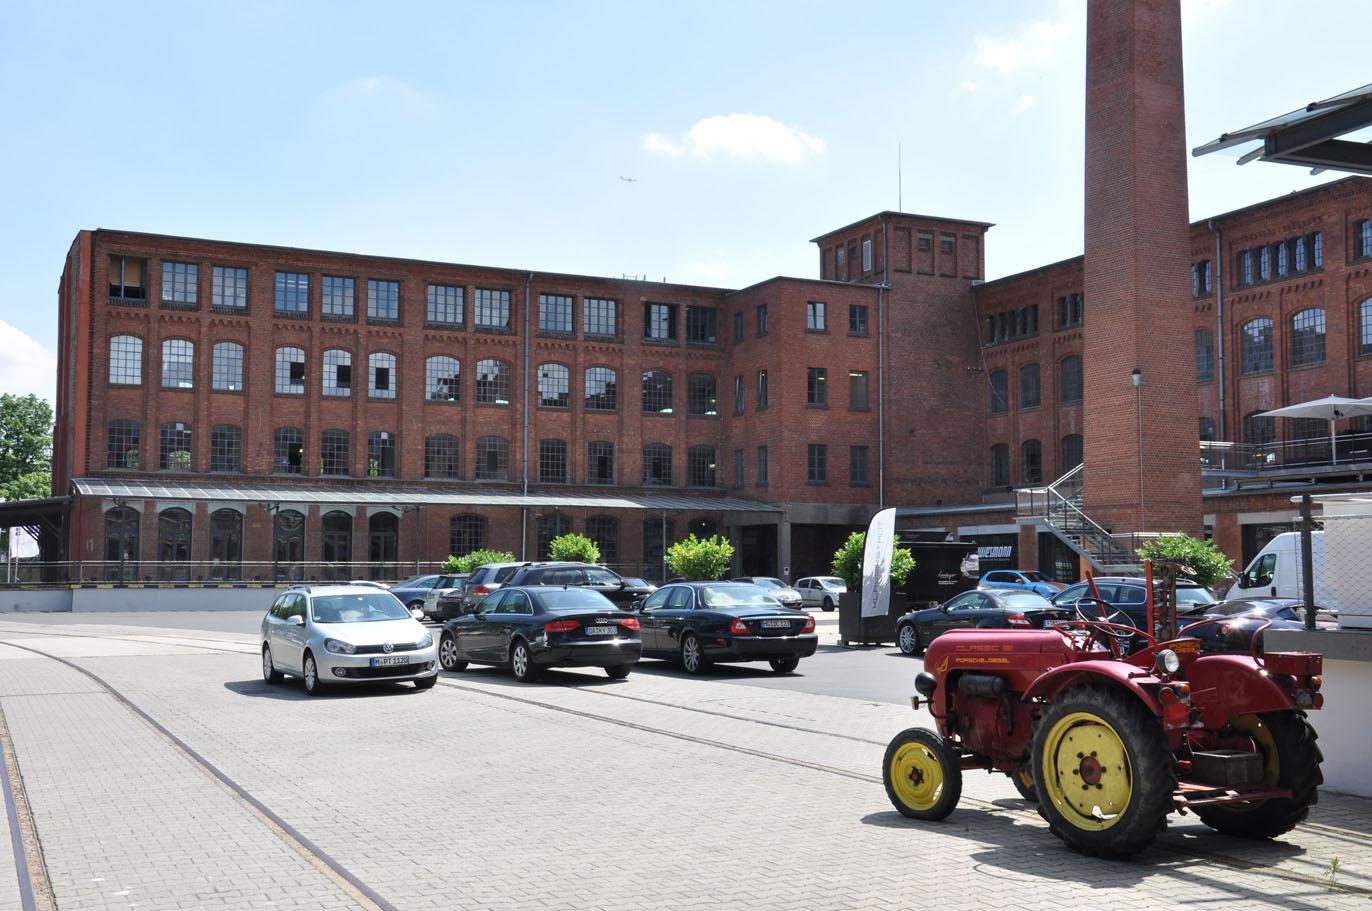 Vakantie tip? Klassikstadt Frankfurt